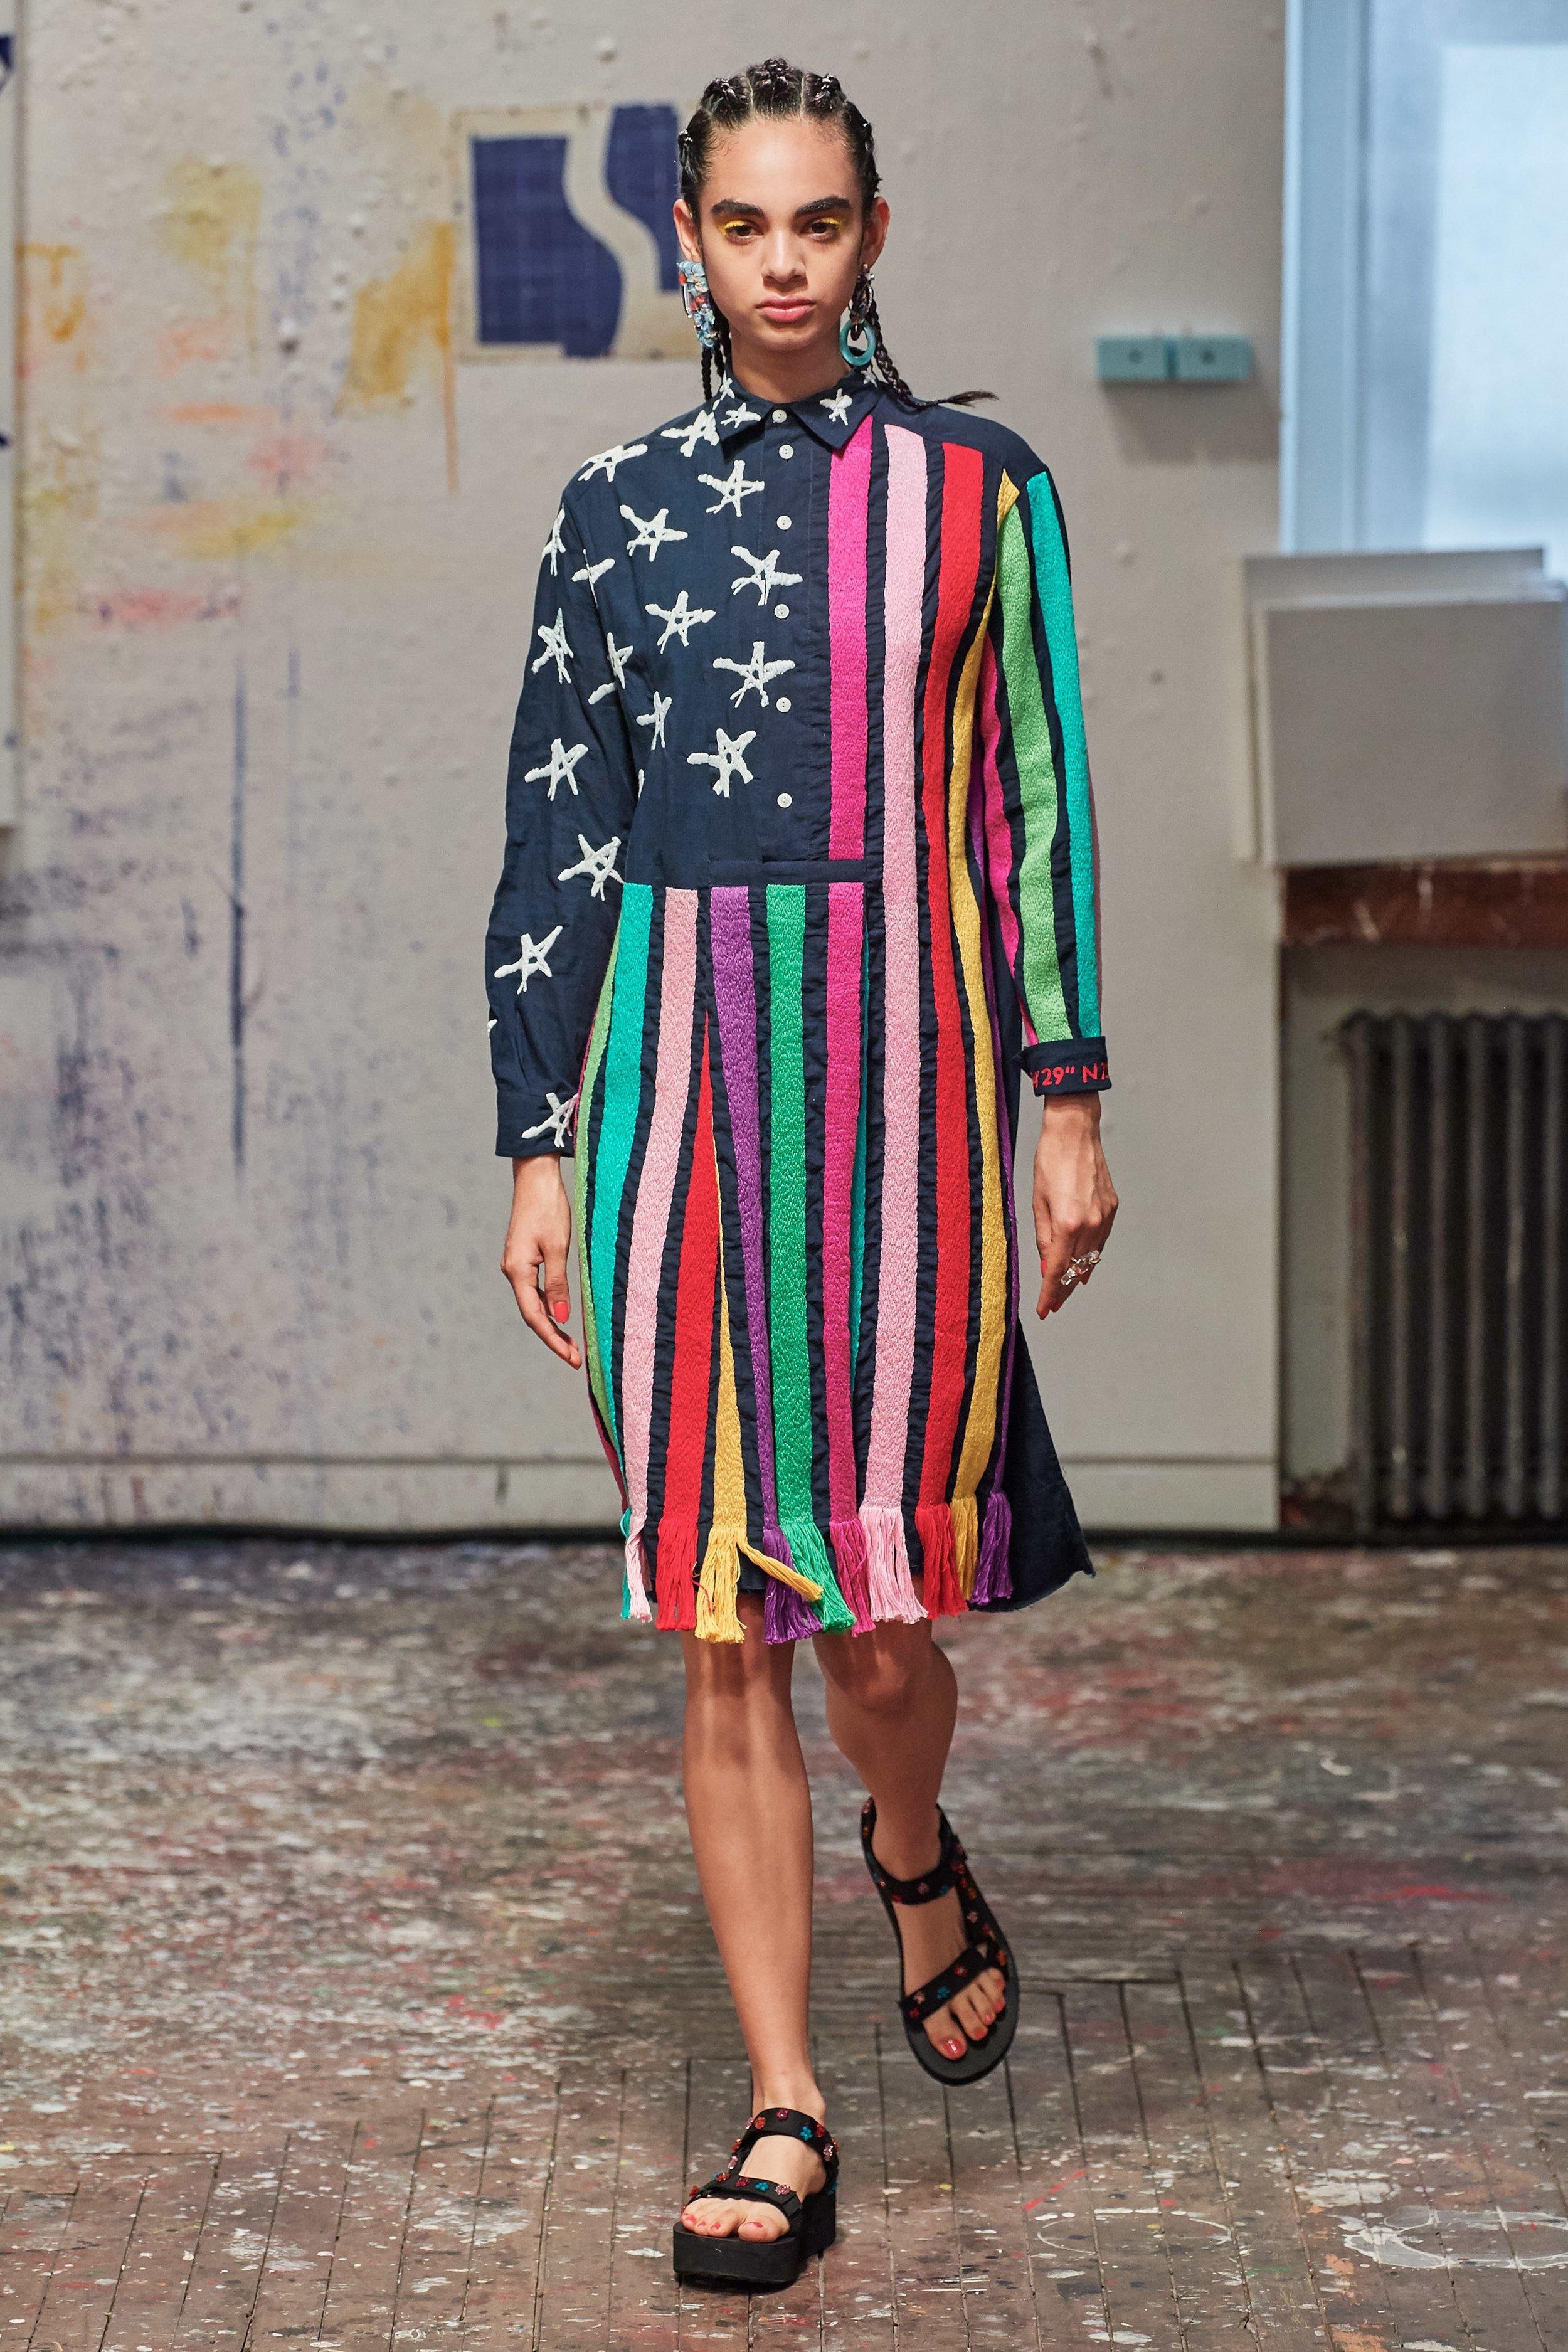 Jonathan Cohen - Esse look que remete à bandeira norte-americana (com arco-íris, é bom salientar) é bordado por mulheres da Cidade do México, de onde a família de Cohen vem. E a modelo é mexicana. Também gostei da papete que ela usa, com umas florzinhas naïf aplicadas